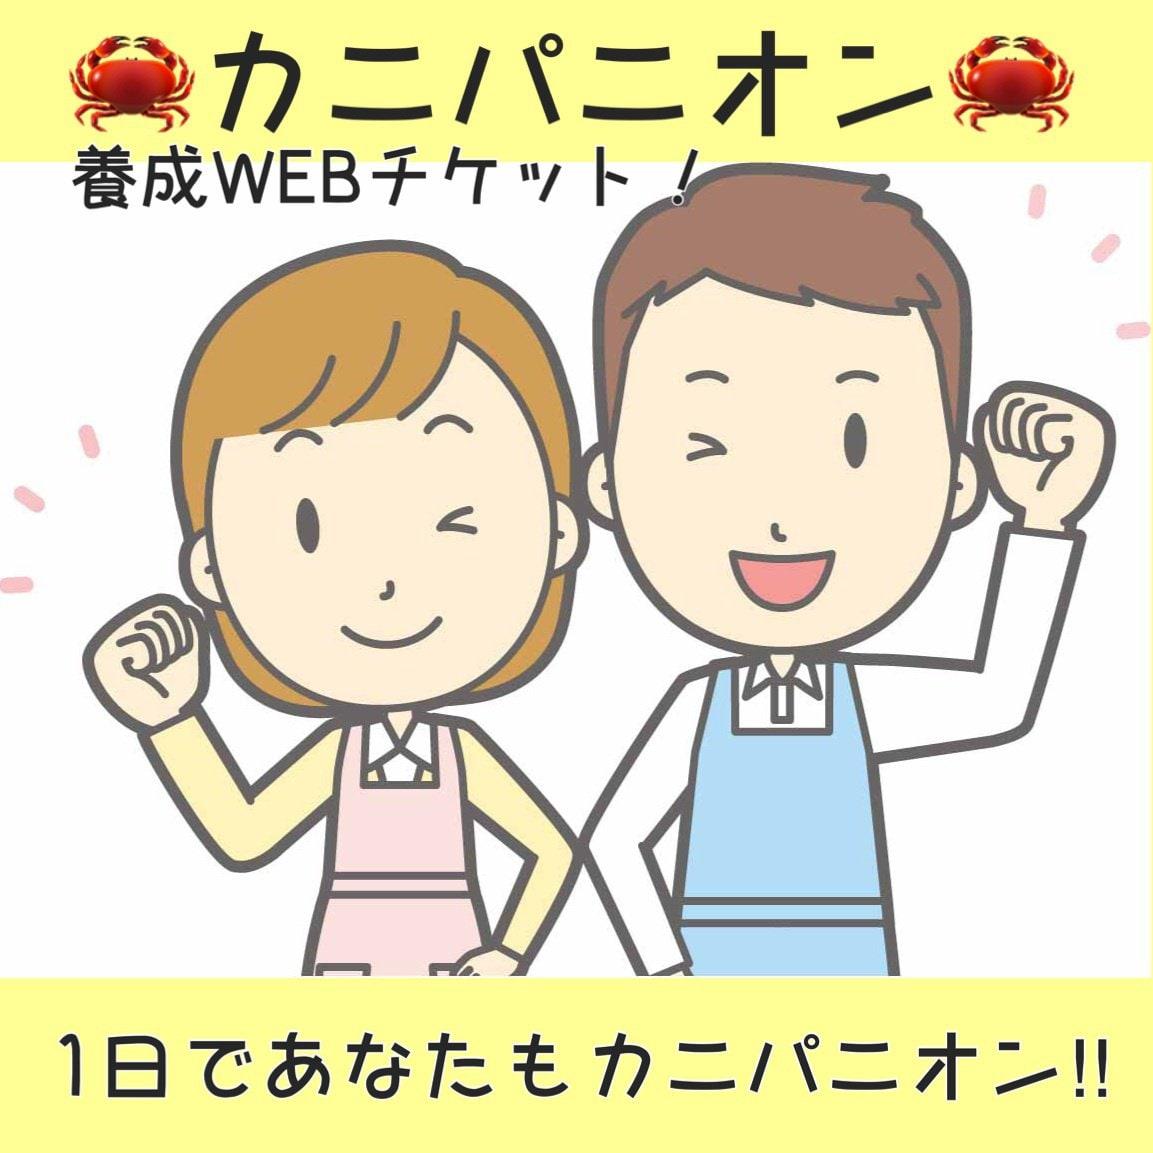 カニパニオン養成WEBチケット!あなたも1日でカニパニオン!!!のイメージその1